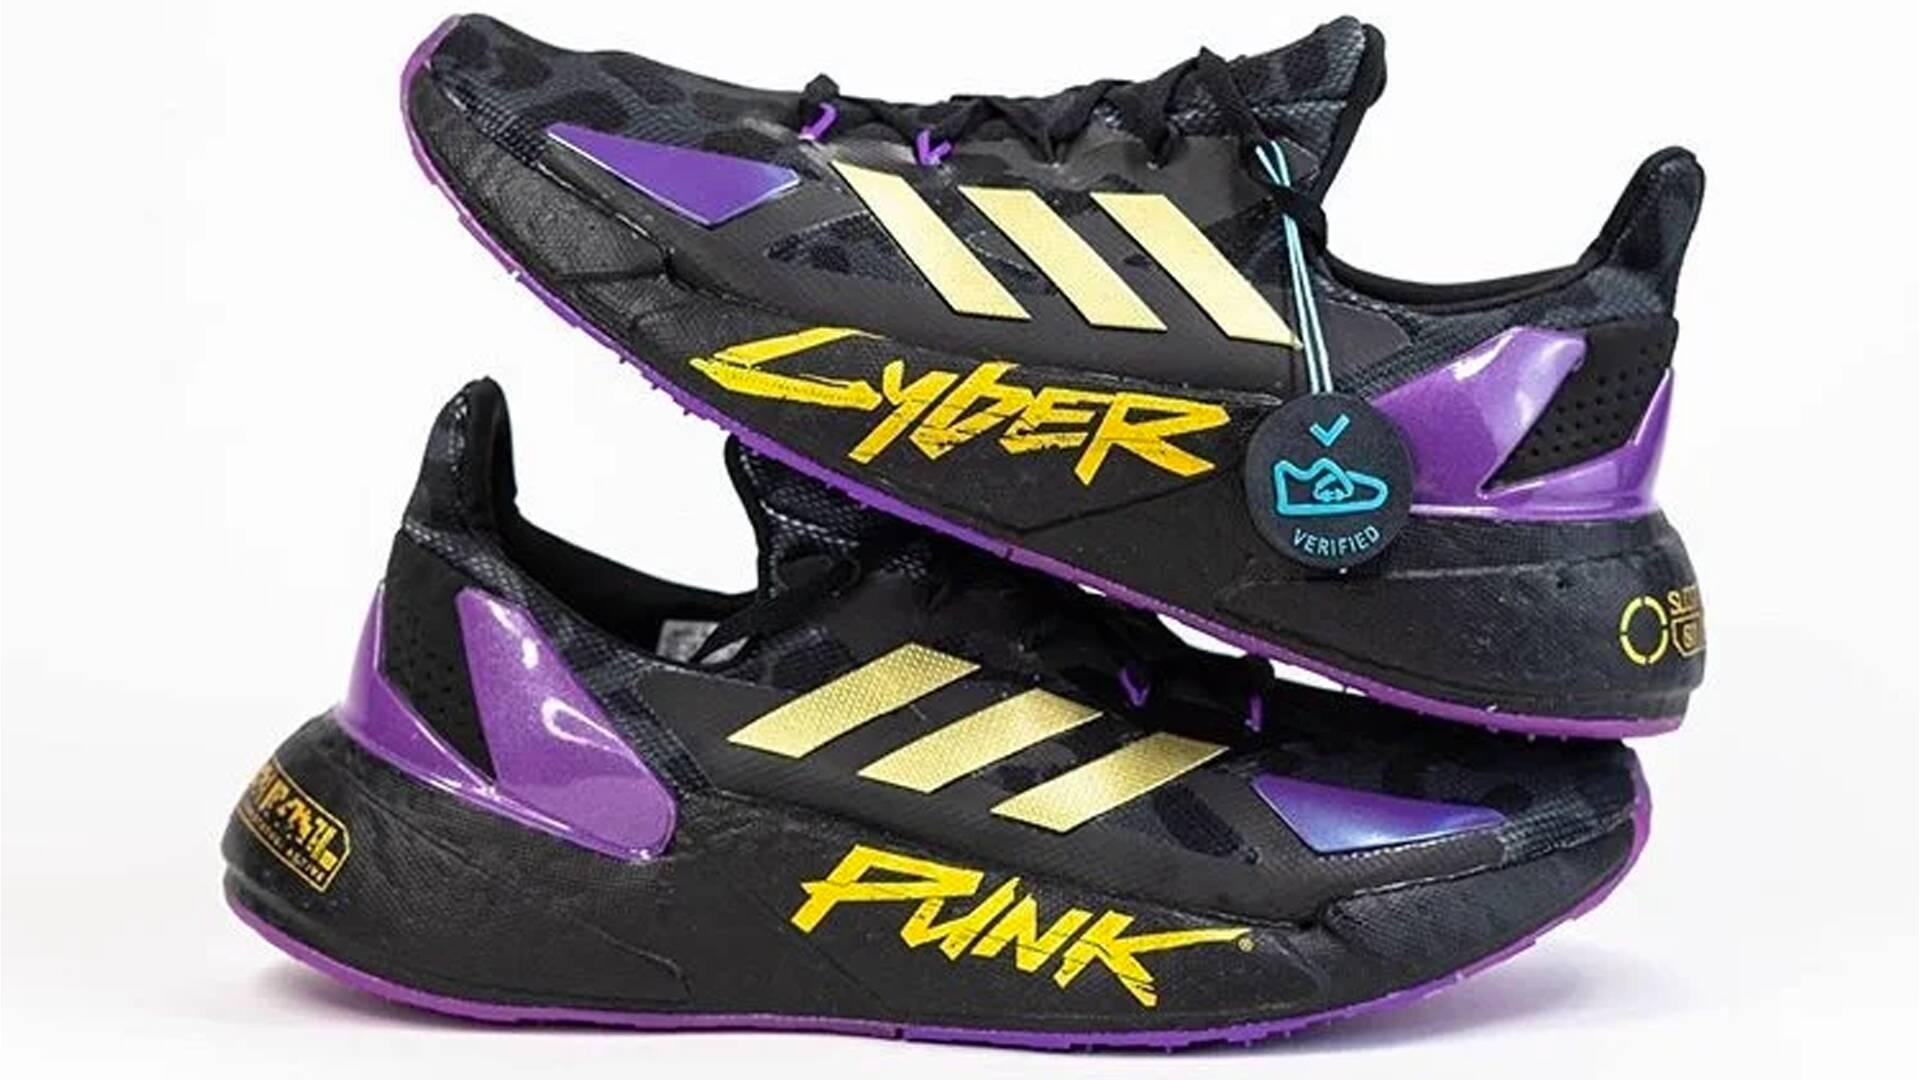 Adidas X Cyberpunk